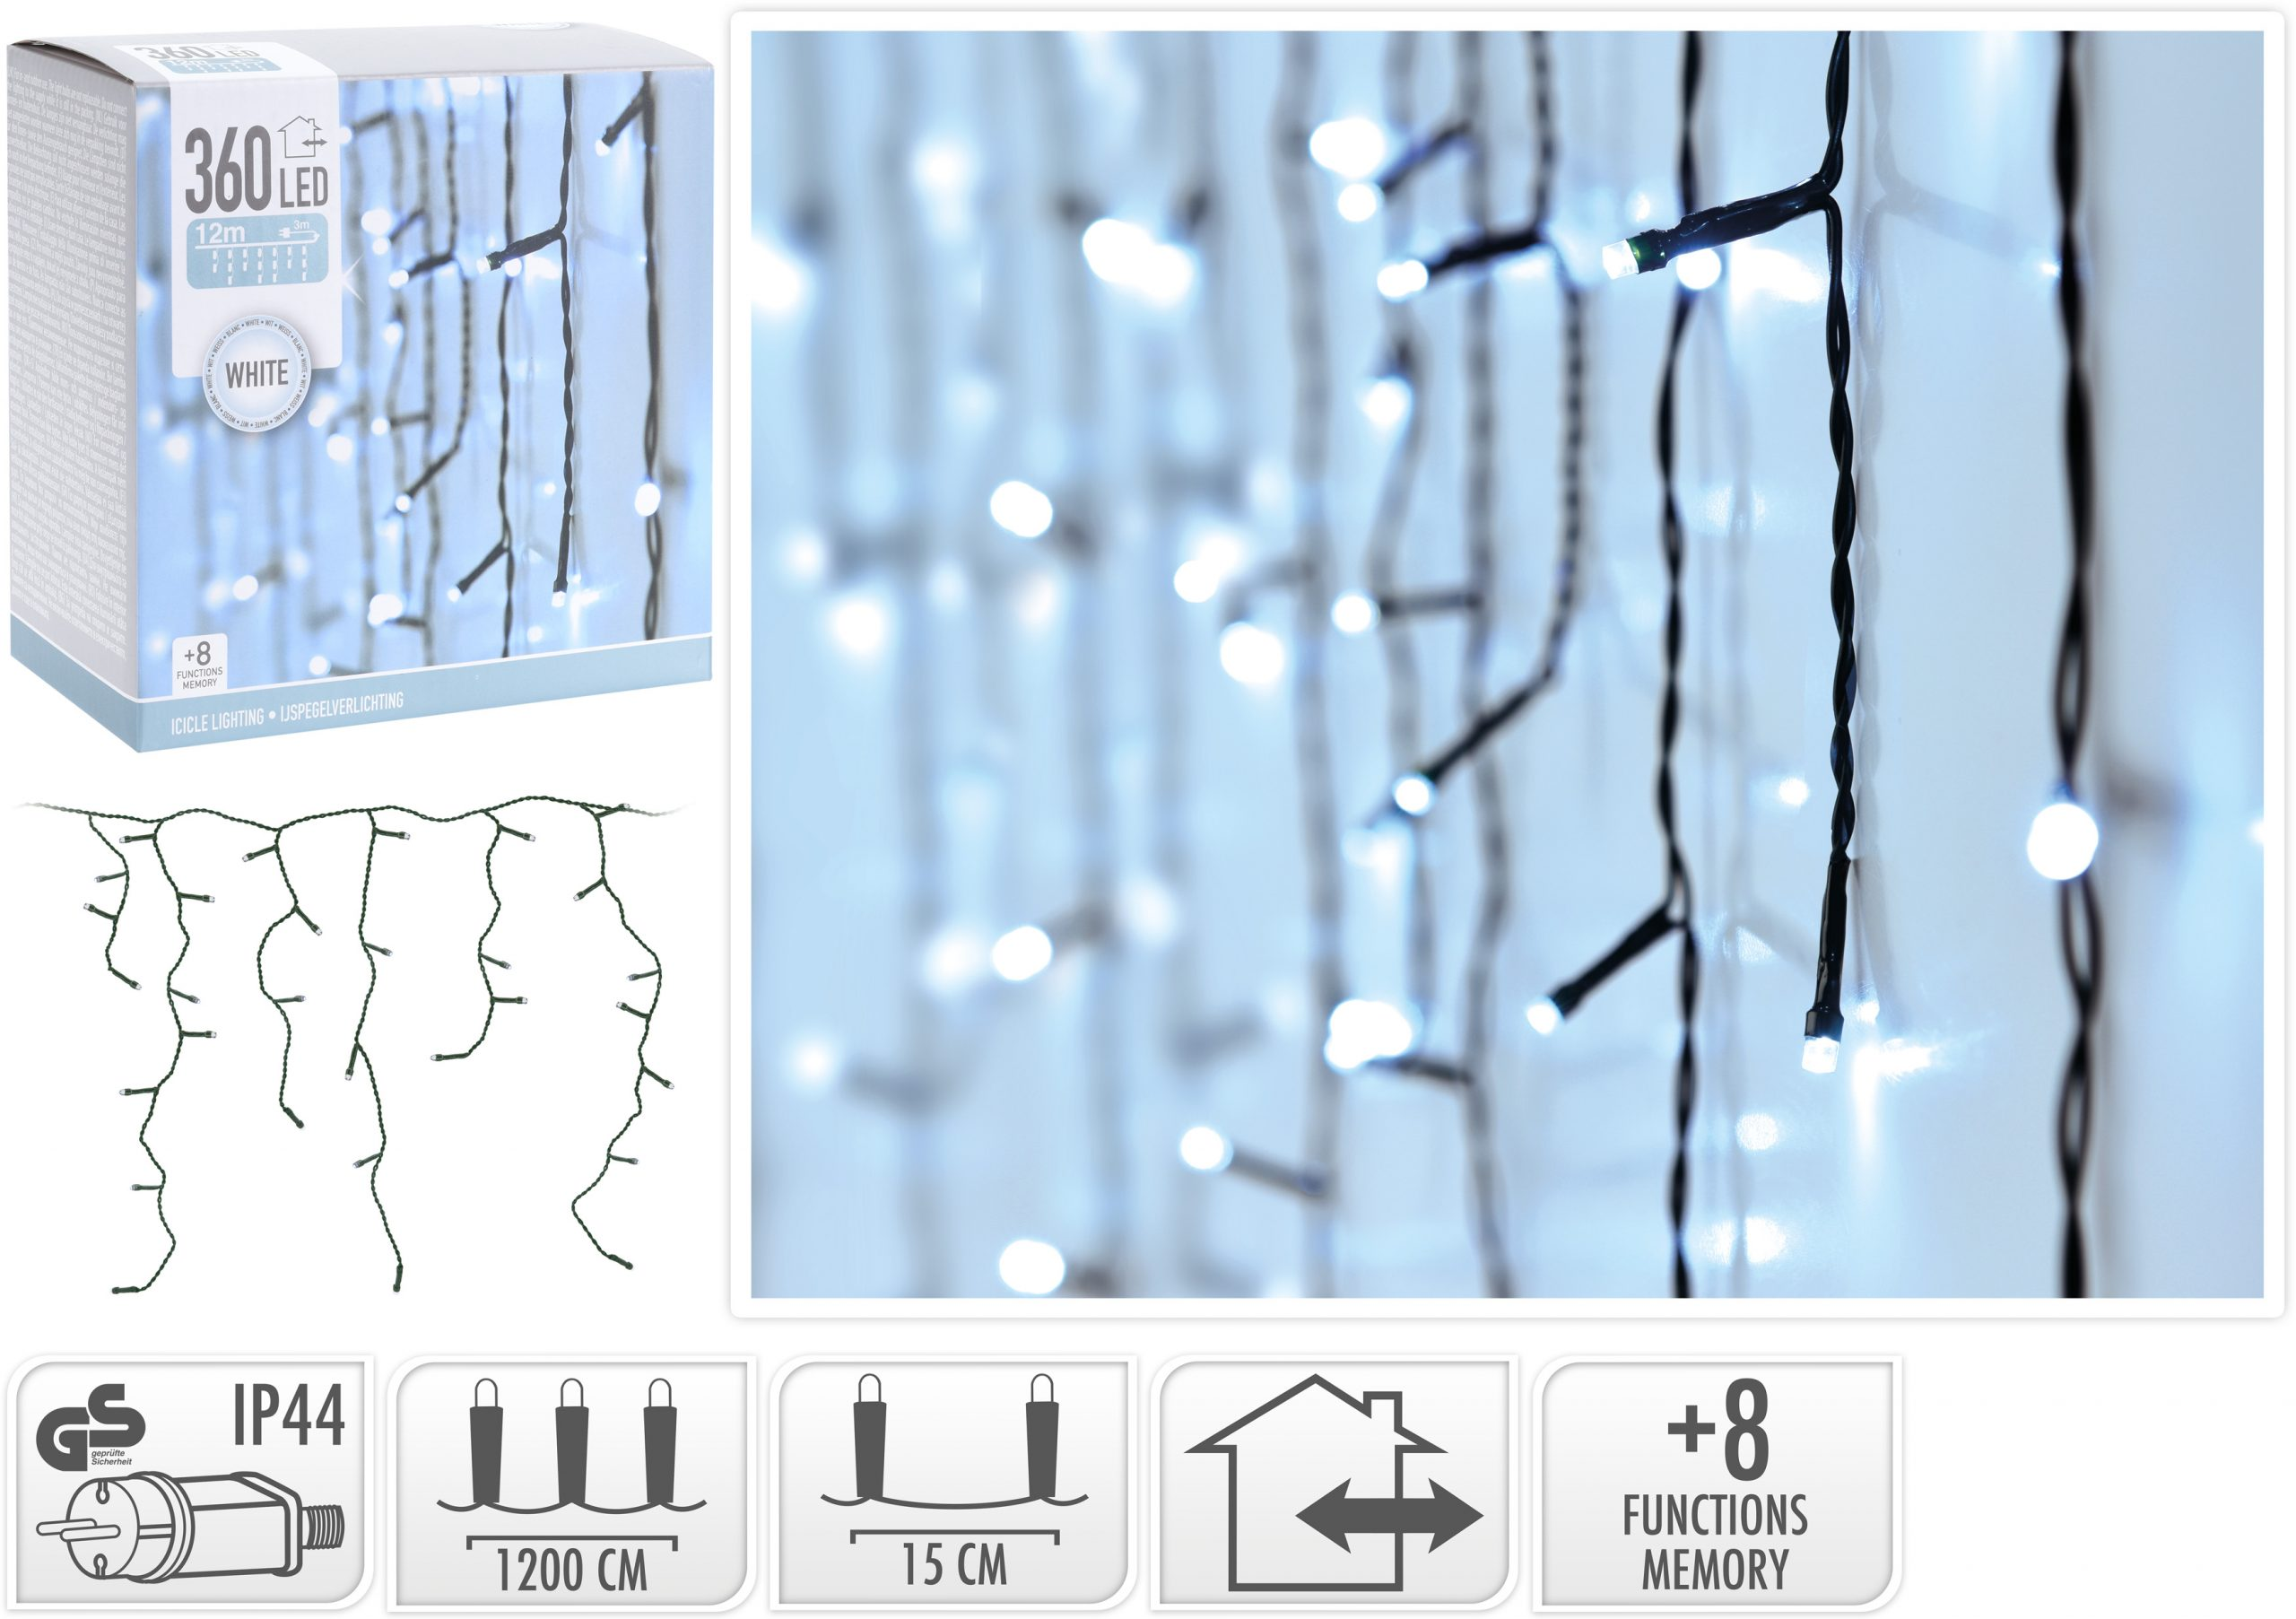 Lichtervorhang kaltweiß 360 LED, 12 m Image